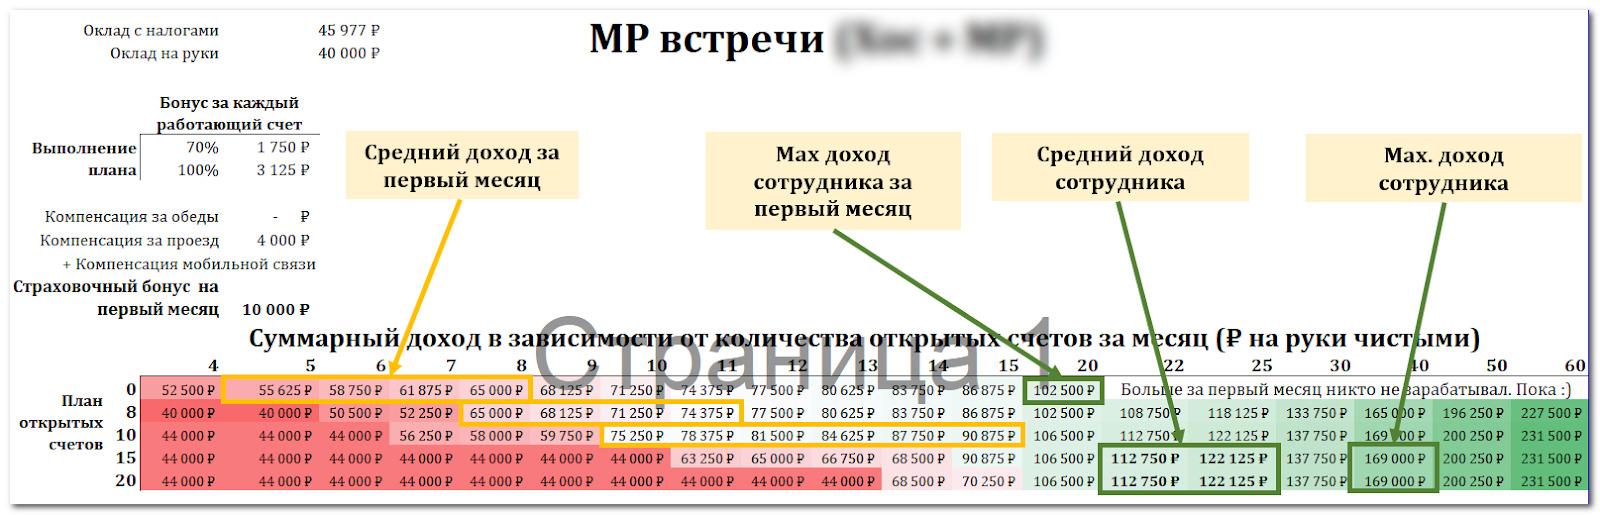 Пример визуализации системы мотивации для новых сотрудников отдела продаж